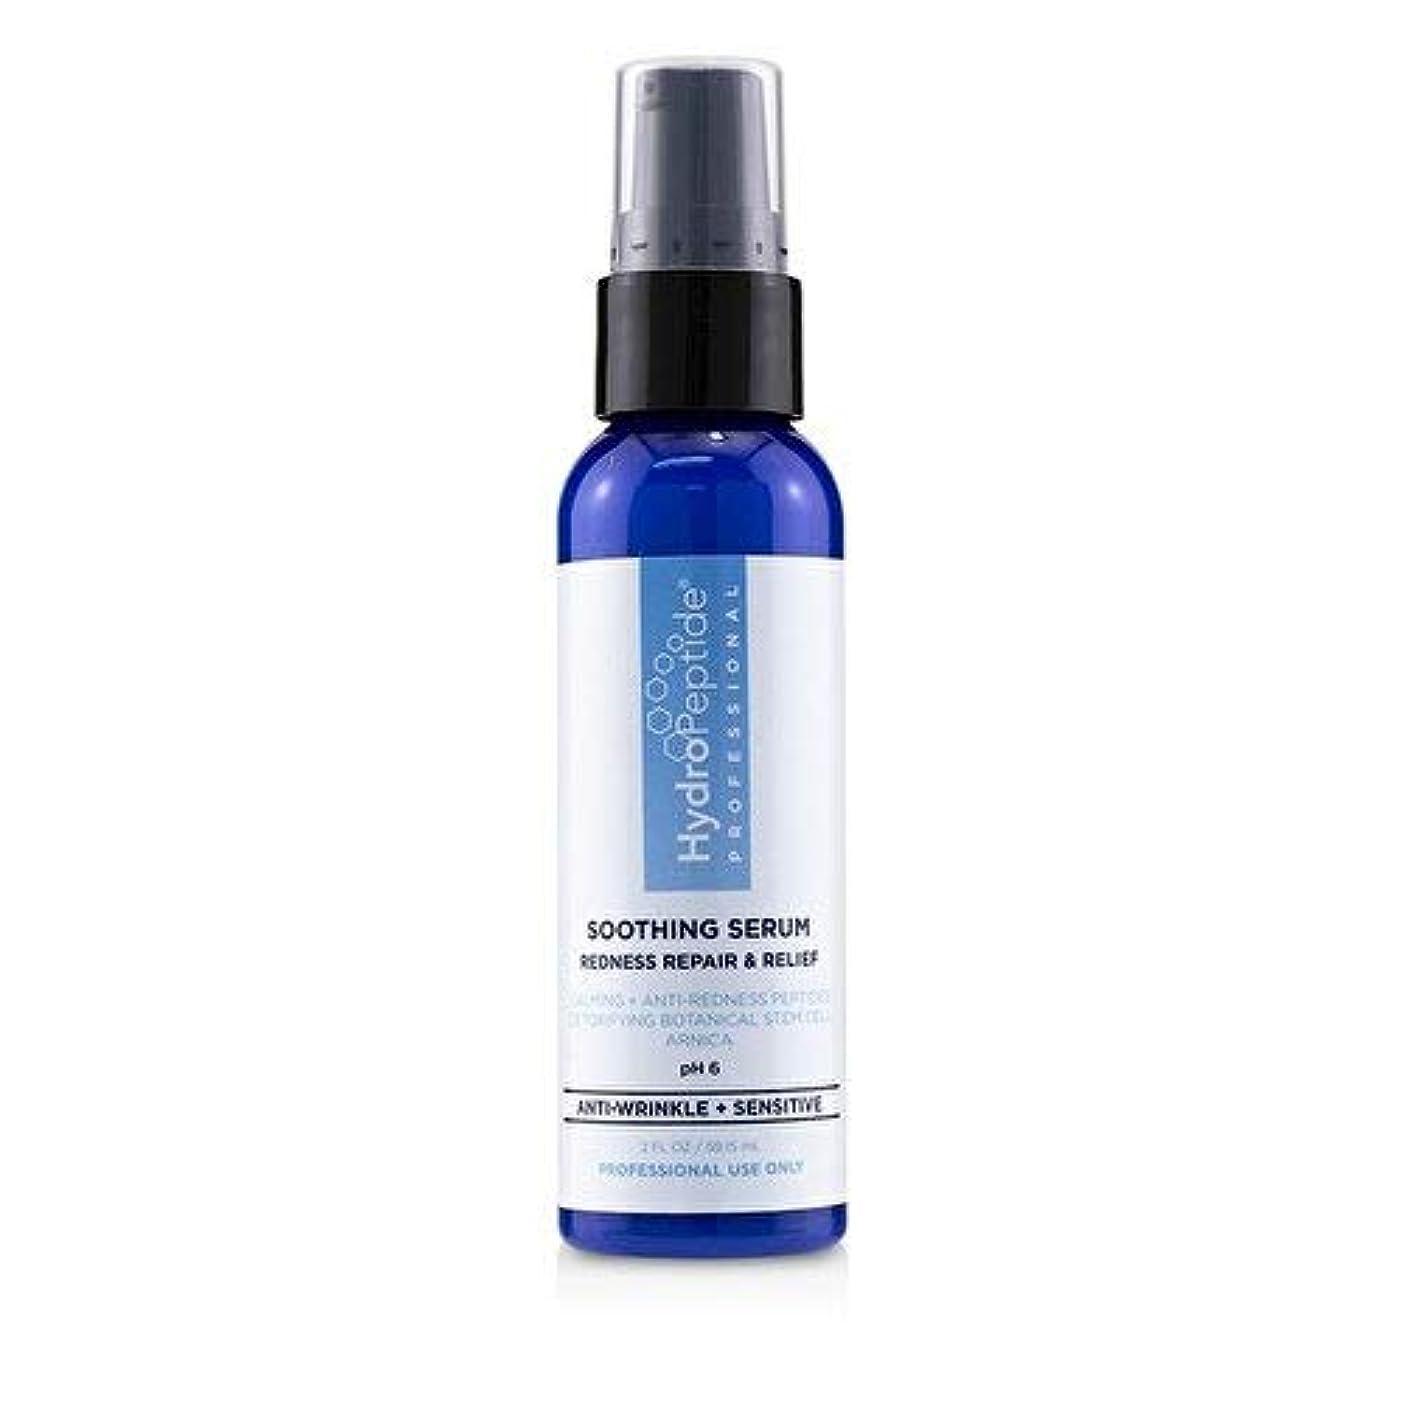 エッセイライフル風変わりなハイドロペプチド Soothing Serum: Redness Repair & Relief (Salon Size) 59ml/2oz並行輸入品